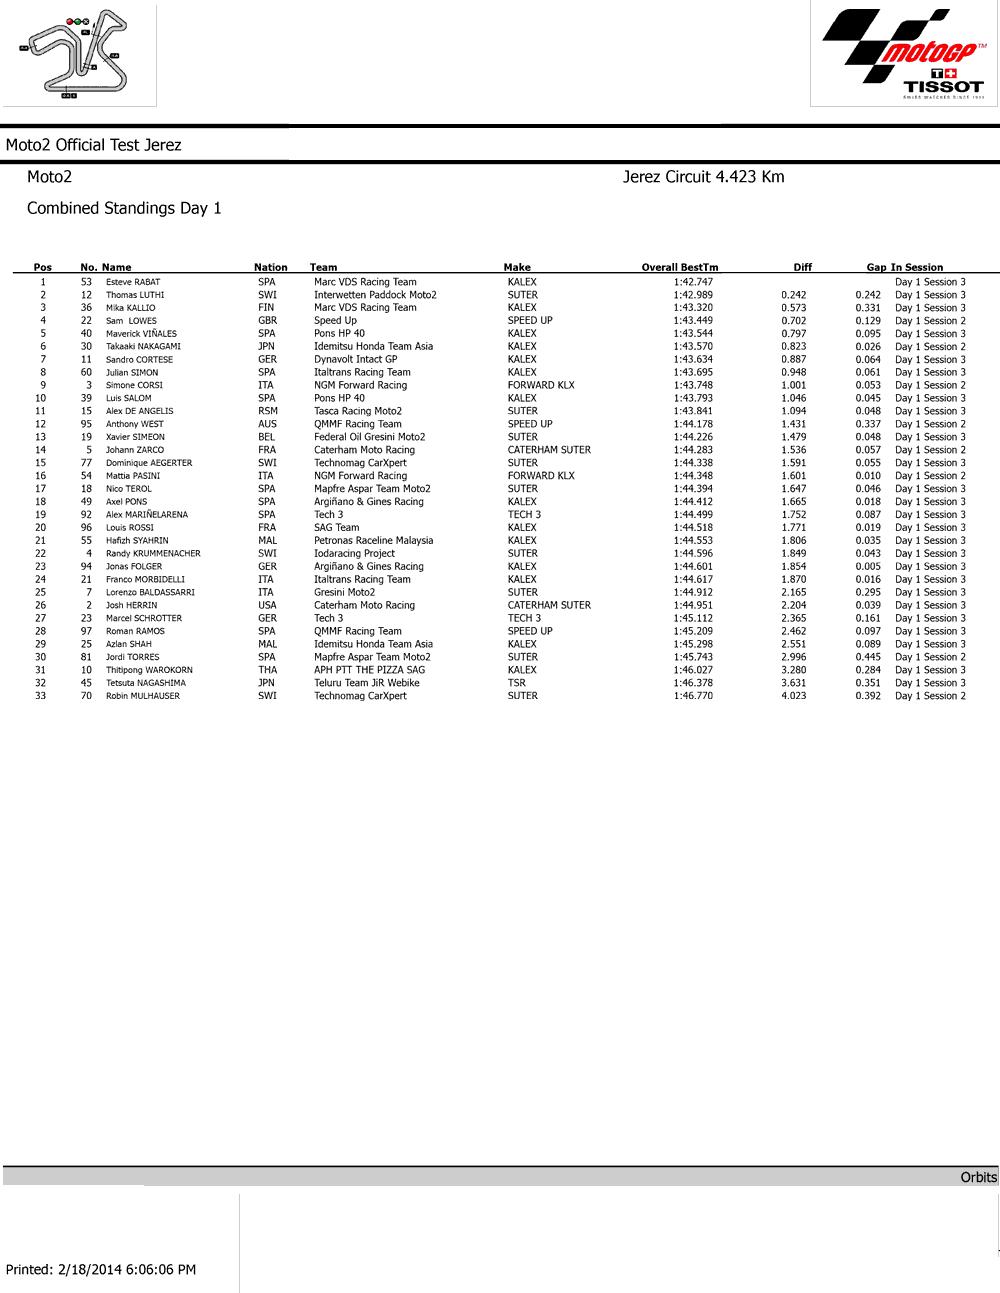 Результаты первого дня официальных тестов Moto2 2014 в Хересе